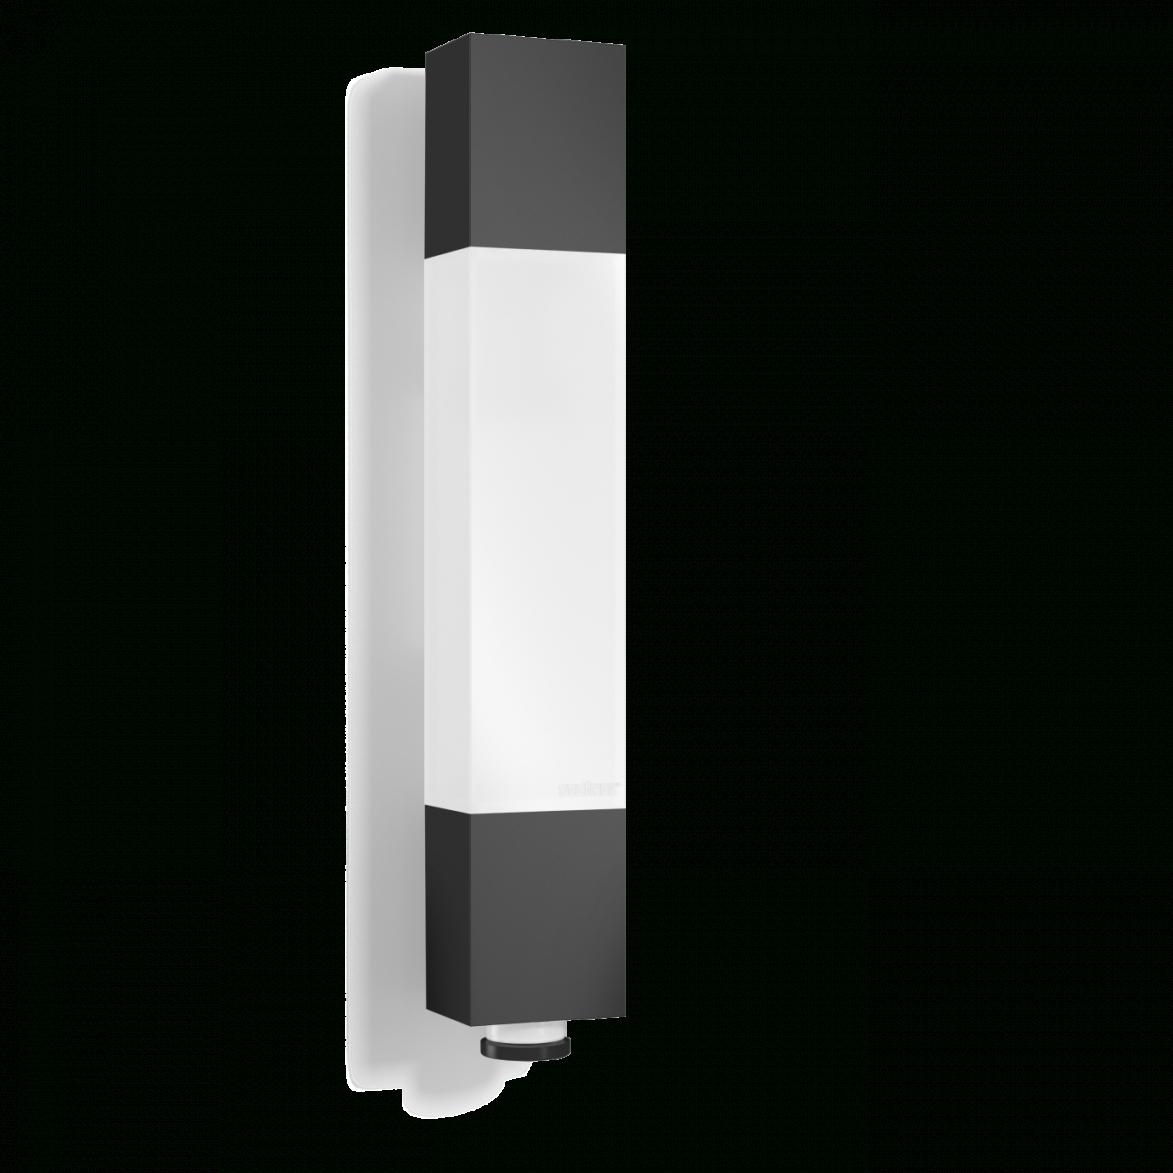 L 631 Led Anthrazit Außenleuchten  Steinel von Steinel Außenleuchte Mit Bewegungsmelder Bedienungsanleitung Bild